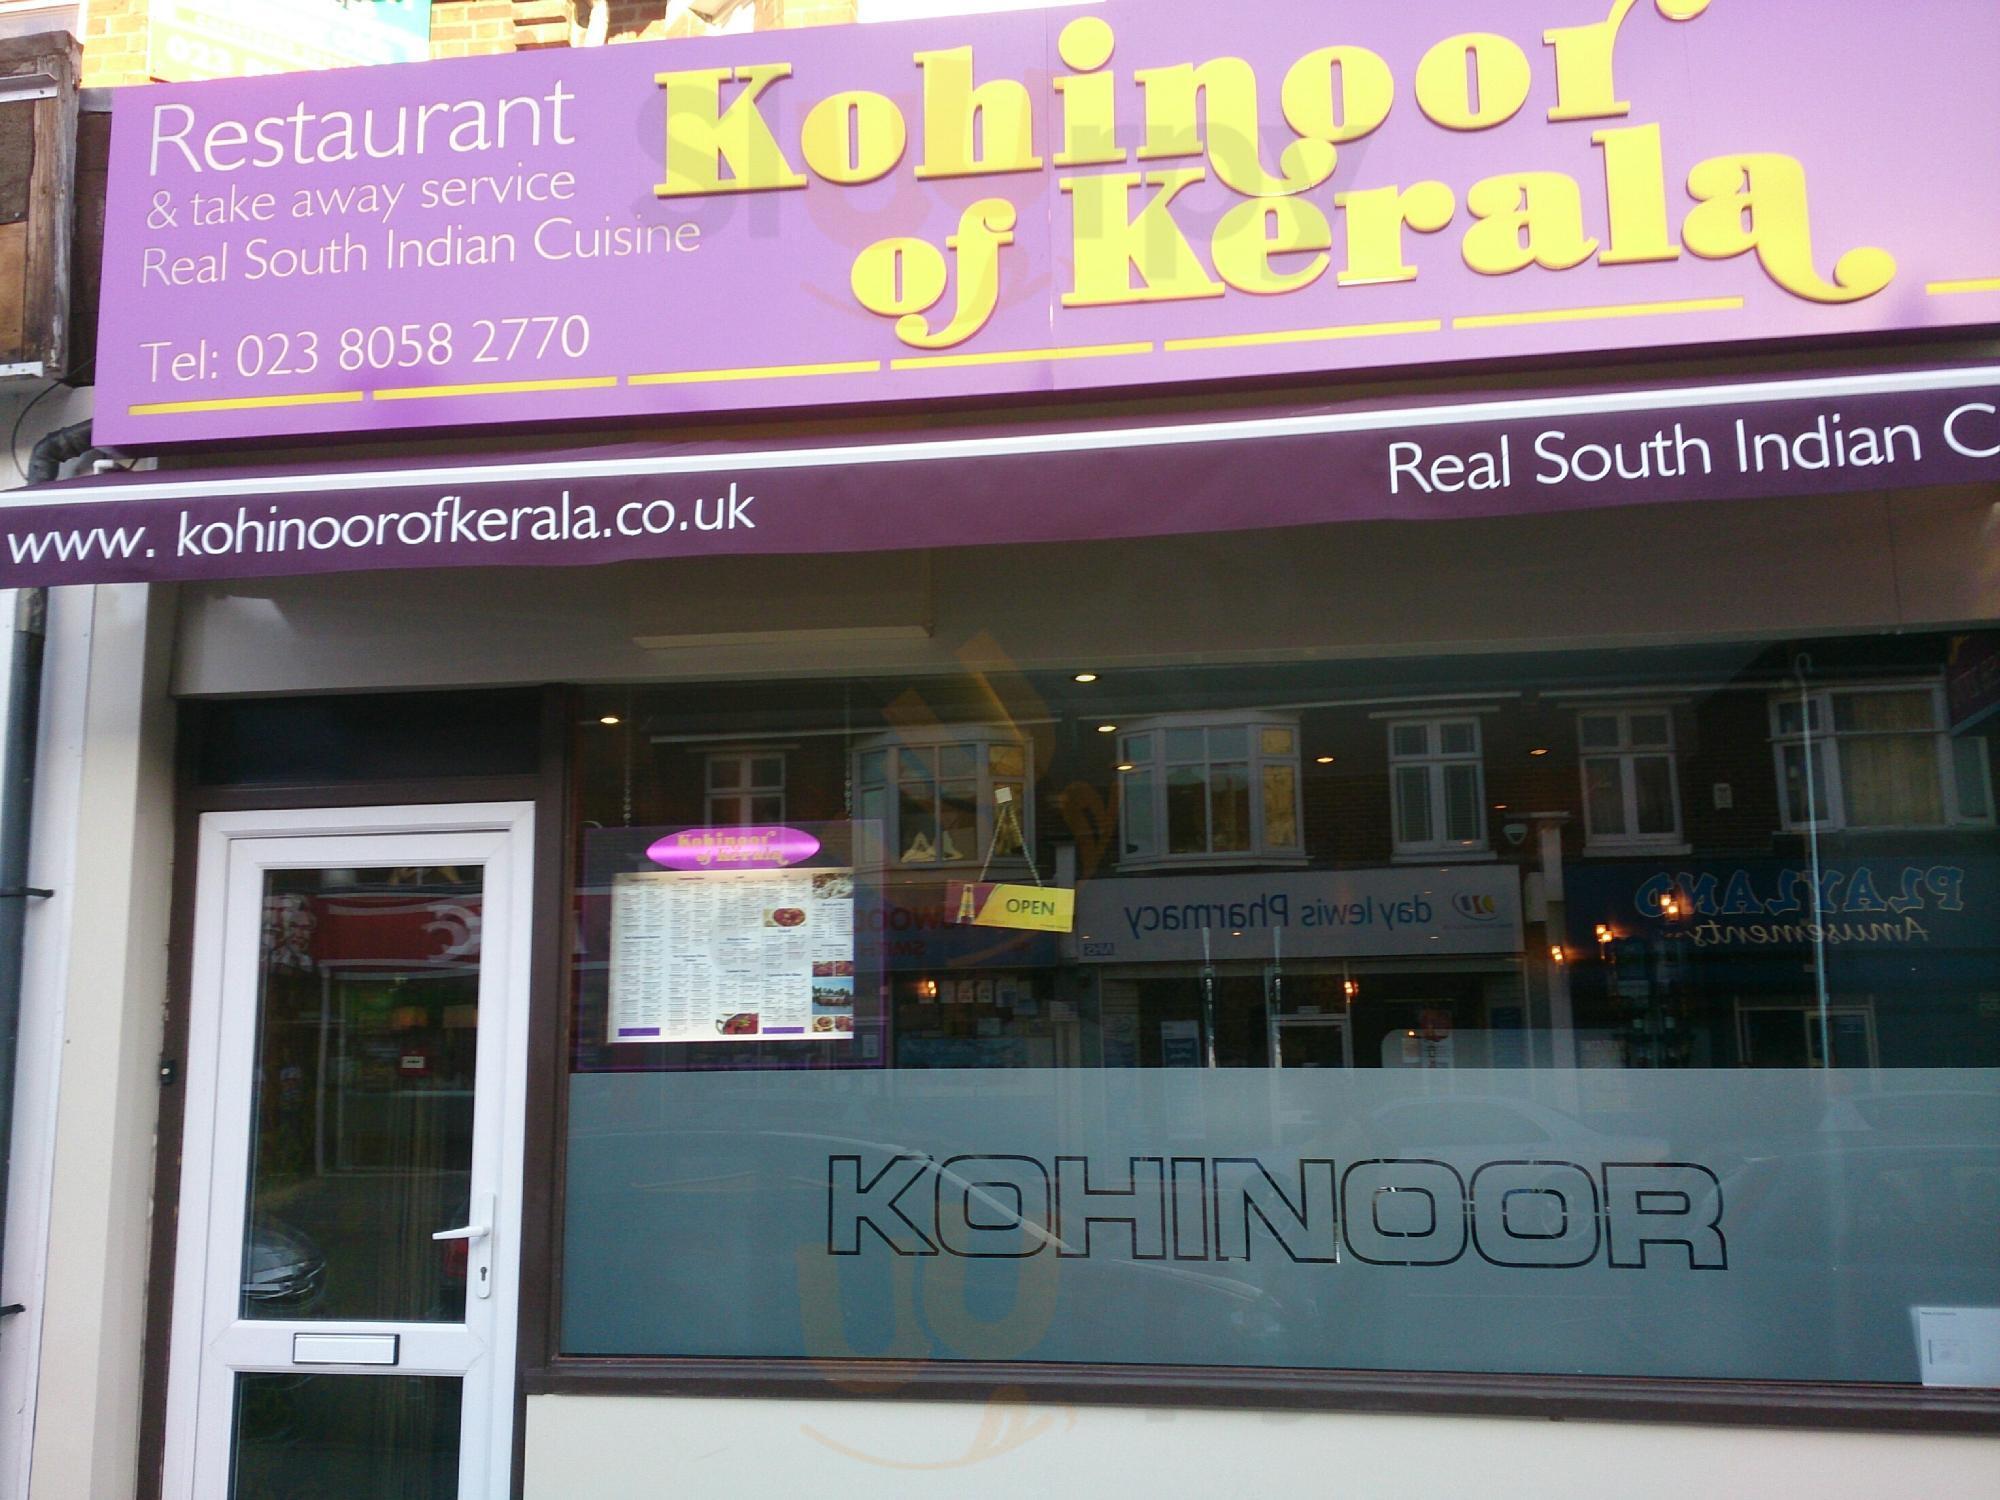 Kohinoor Of Kerala, Southampton